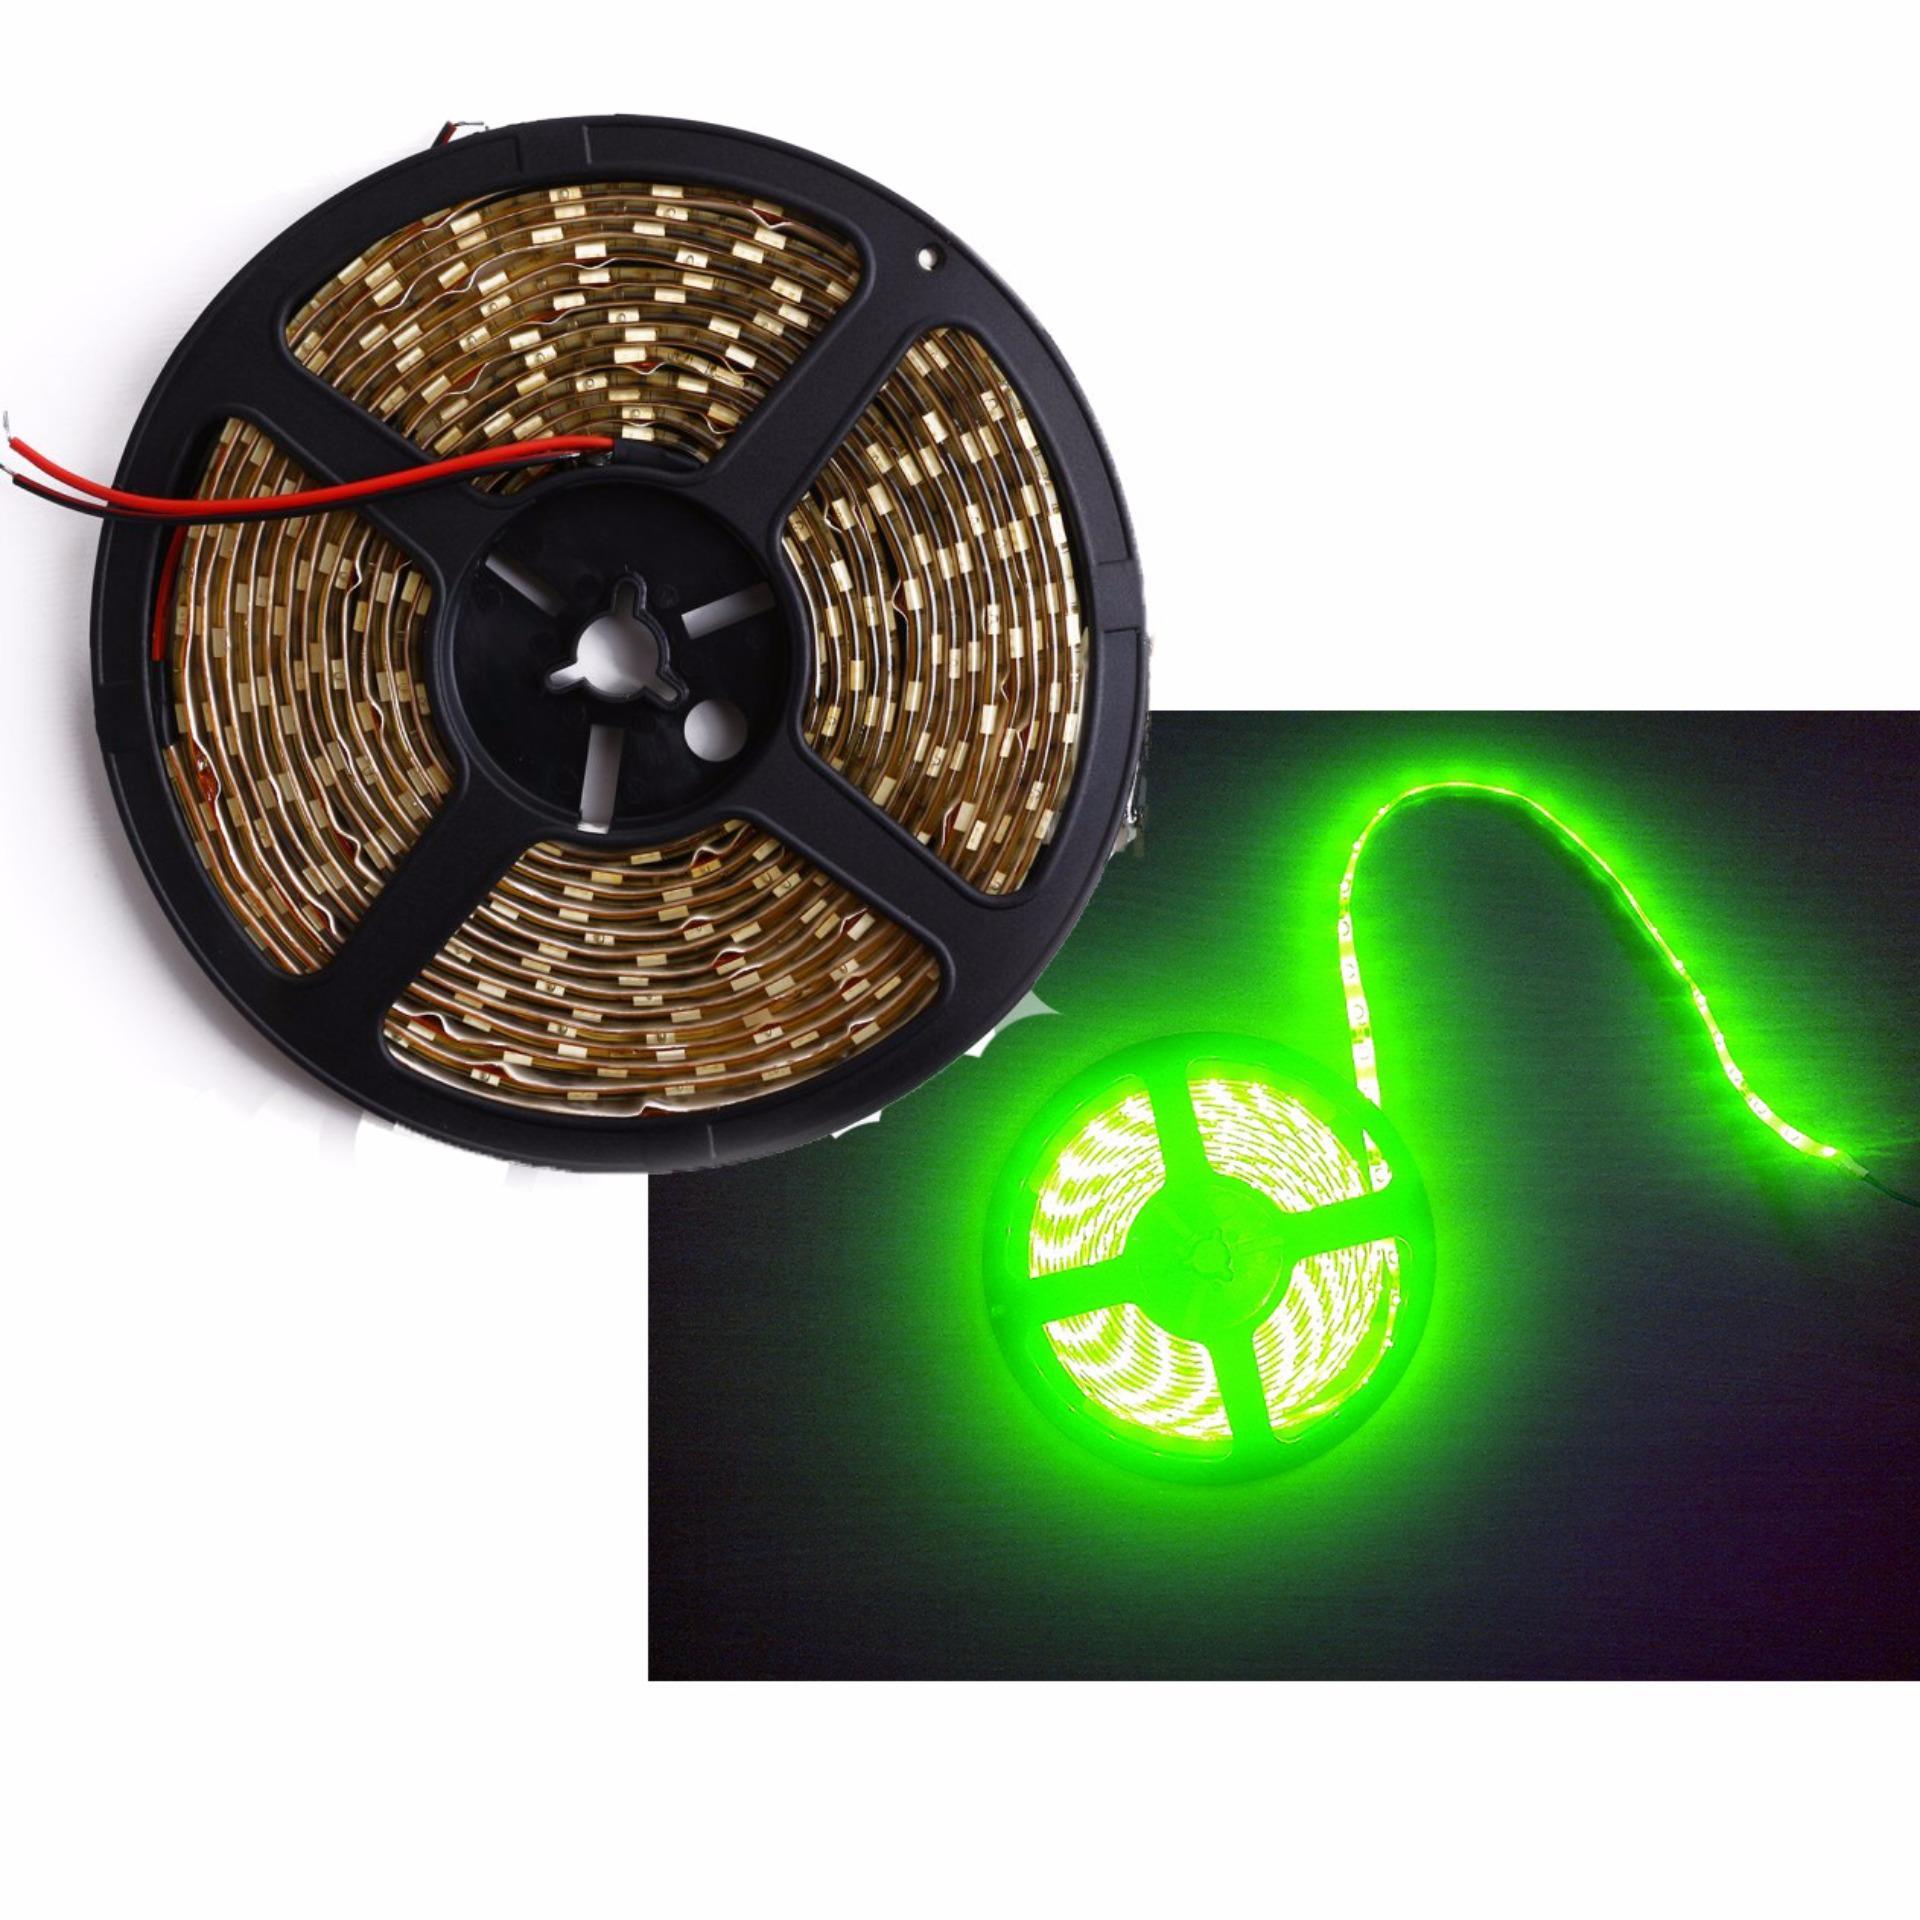 Led Strobo 2 Modul Strobe Lengkap Dengan Lampunya Kedip Lampu Sen Sein T10 7warna Diam 1pc Bandingkan Toko Strip Flexible 5meter Lentur Kemasan 1 Rol5meter Hijau Harga